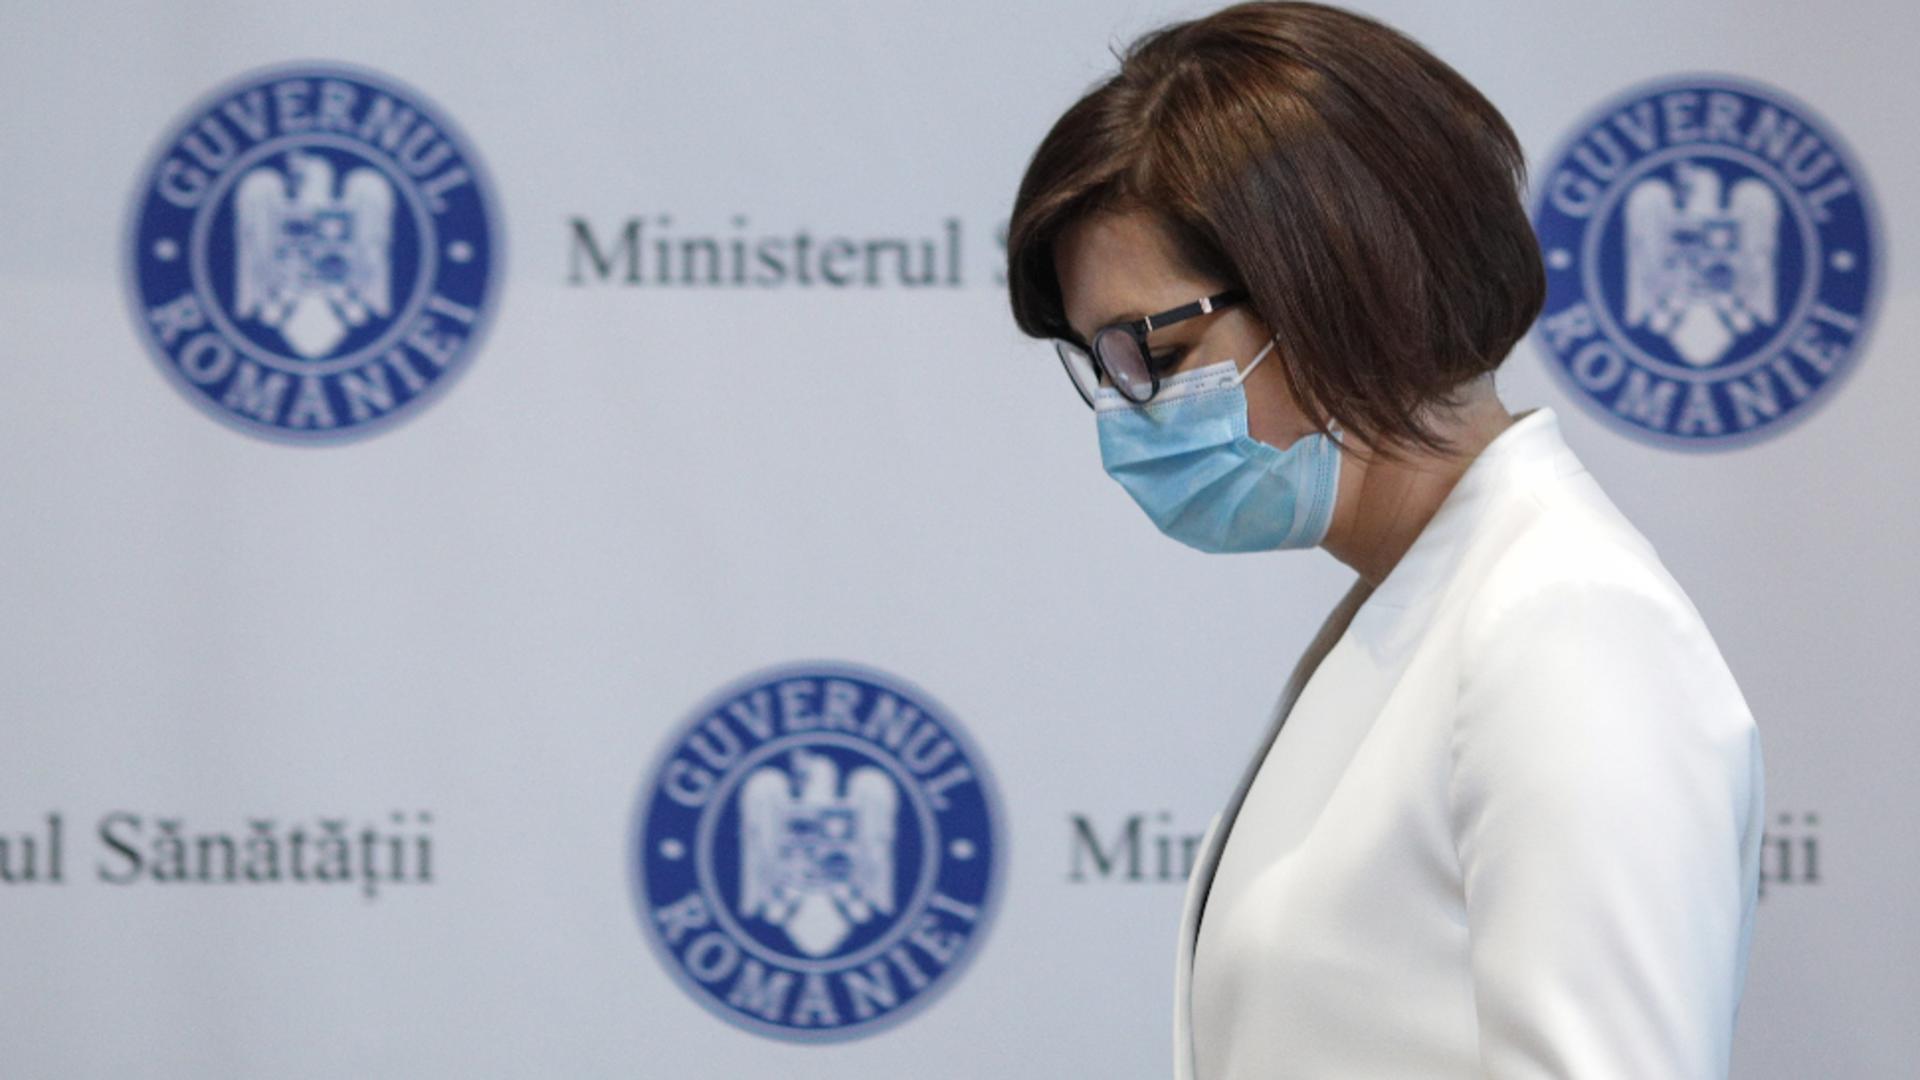 Noul ministru al Sănătății anunță investiții masive în următorii ani. Foto/Inquam